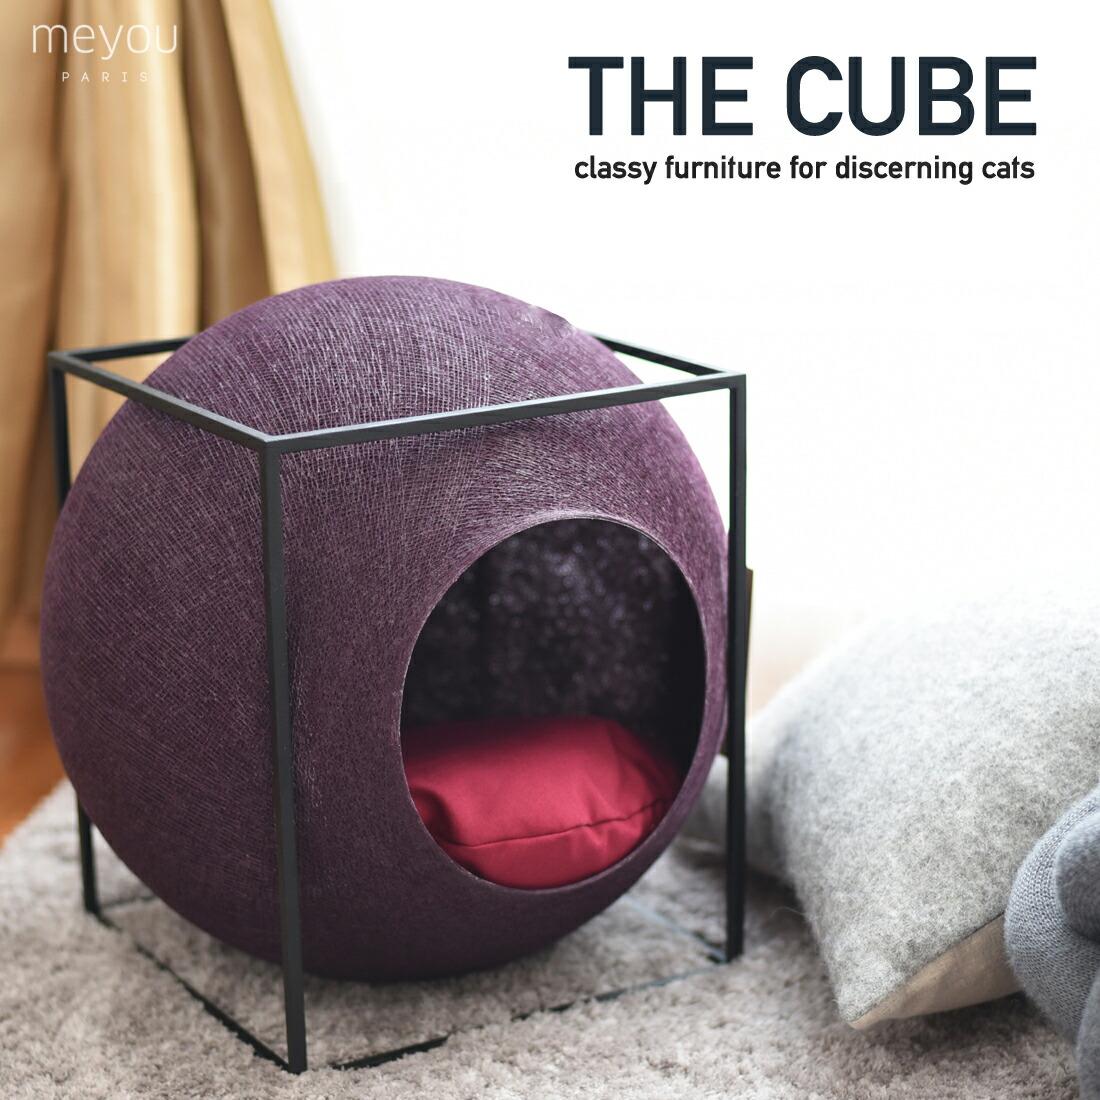 【MEYOU】THE CUBE ザ キューブ キャットハウスベッド/ペット/猫/爪とぎ/コクーン/球体/キューブ/フレーム